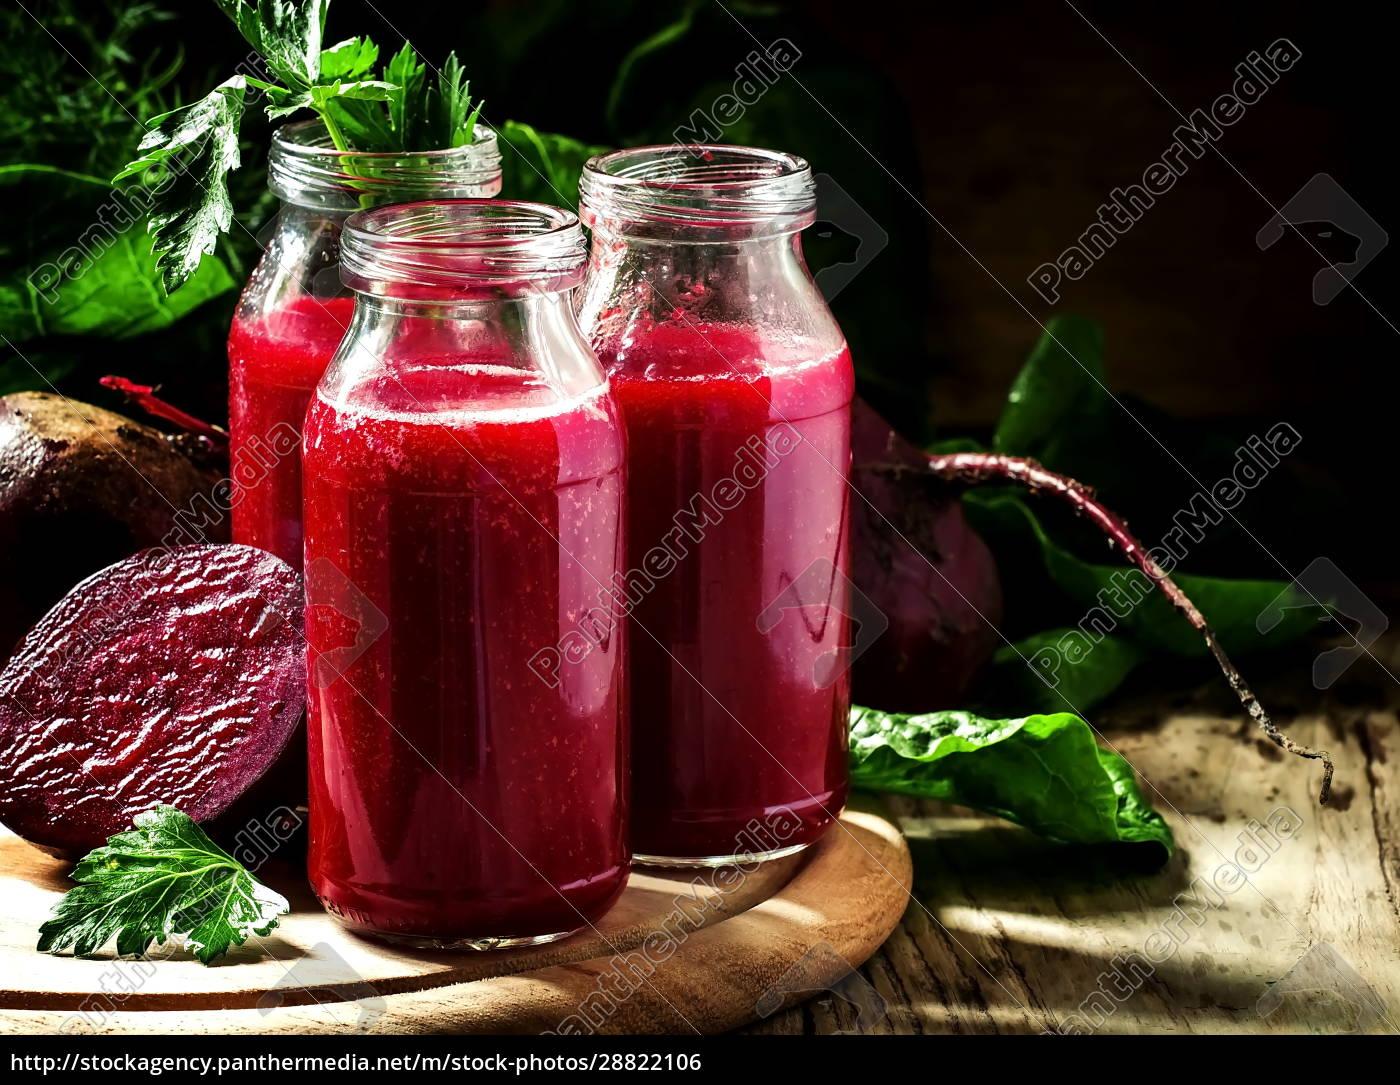 vitamin, rote, bete, smoothie, in, glasflaschen - 28822106